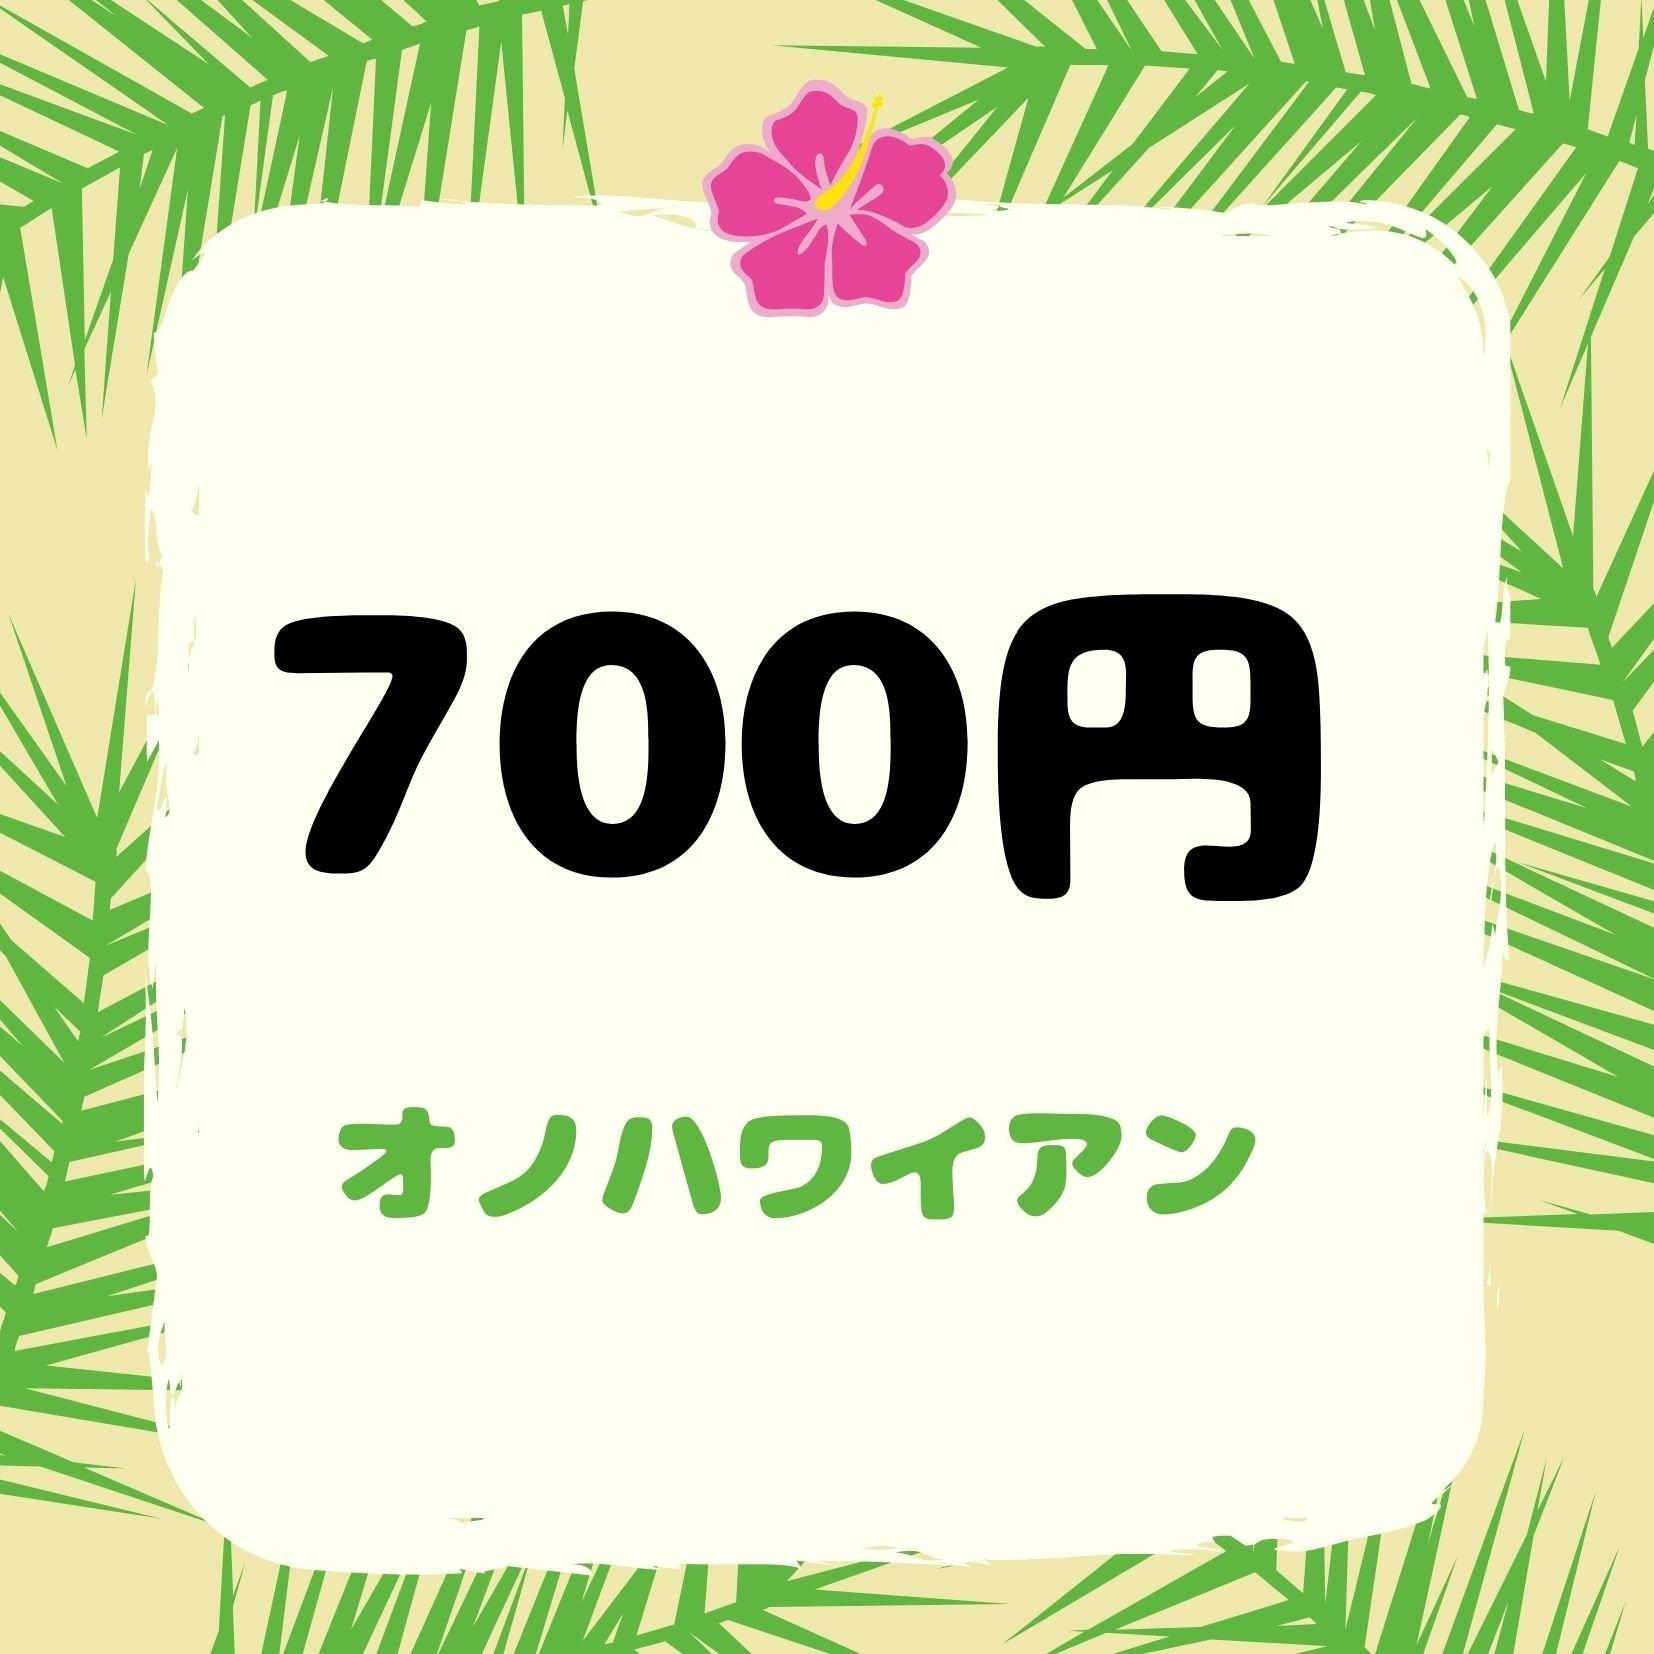 700円【店頭払い専用】カキ氷マンゴ、抹茶等のイメージその1